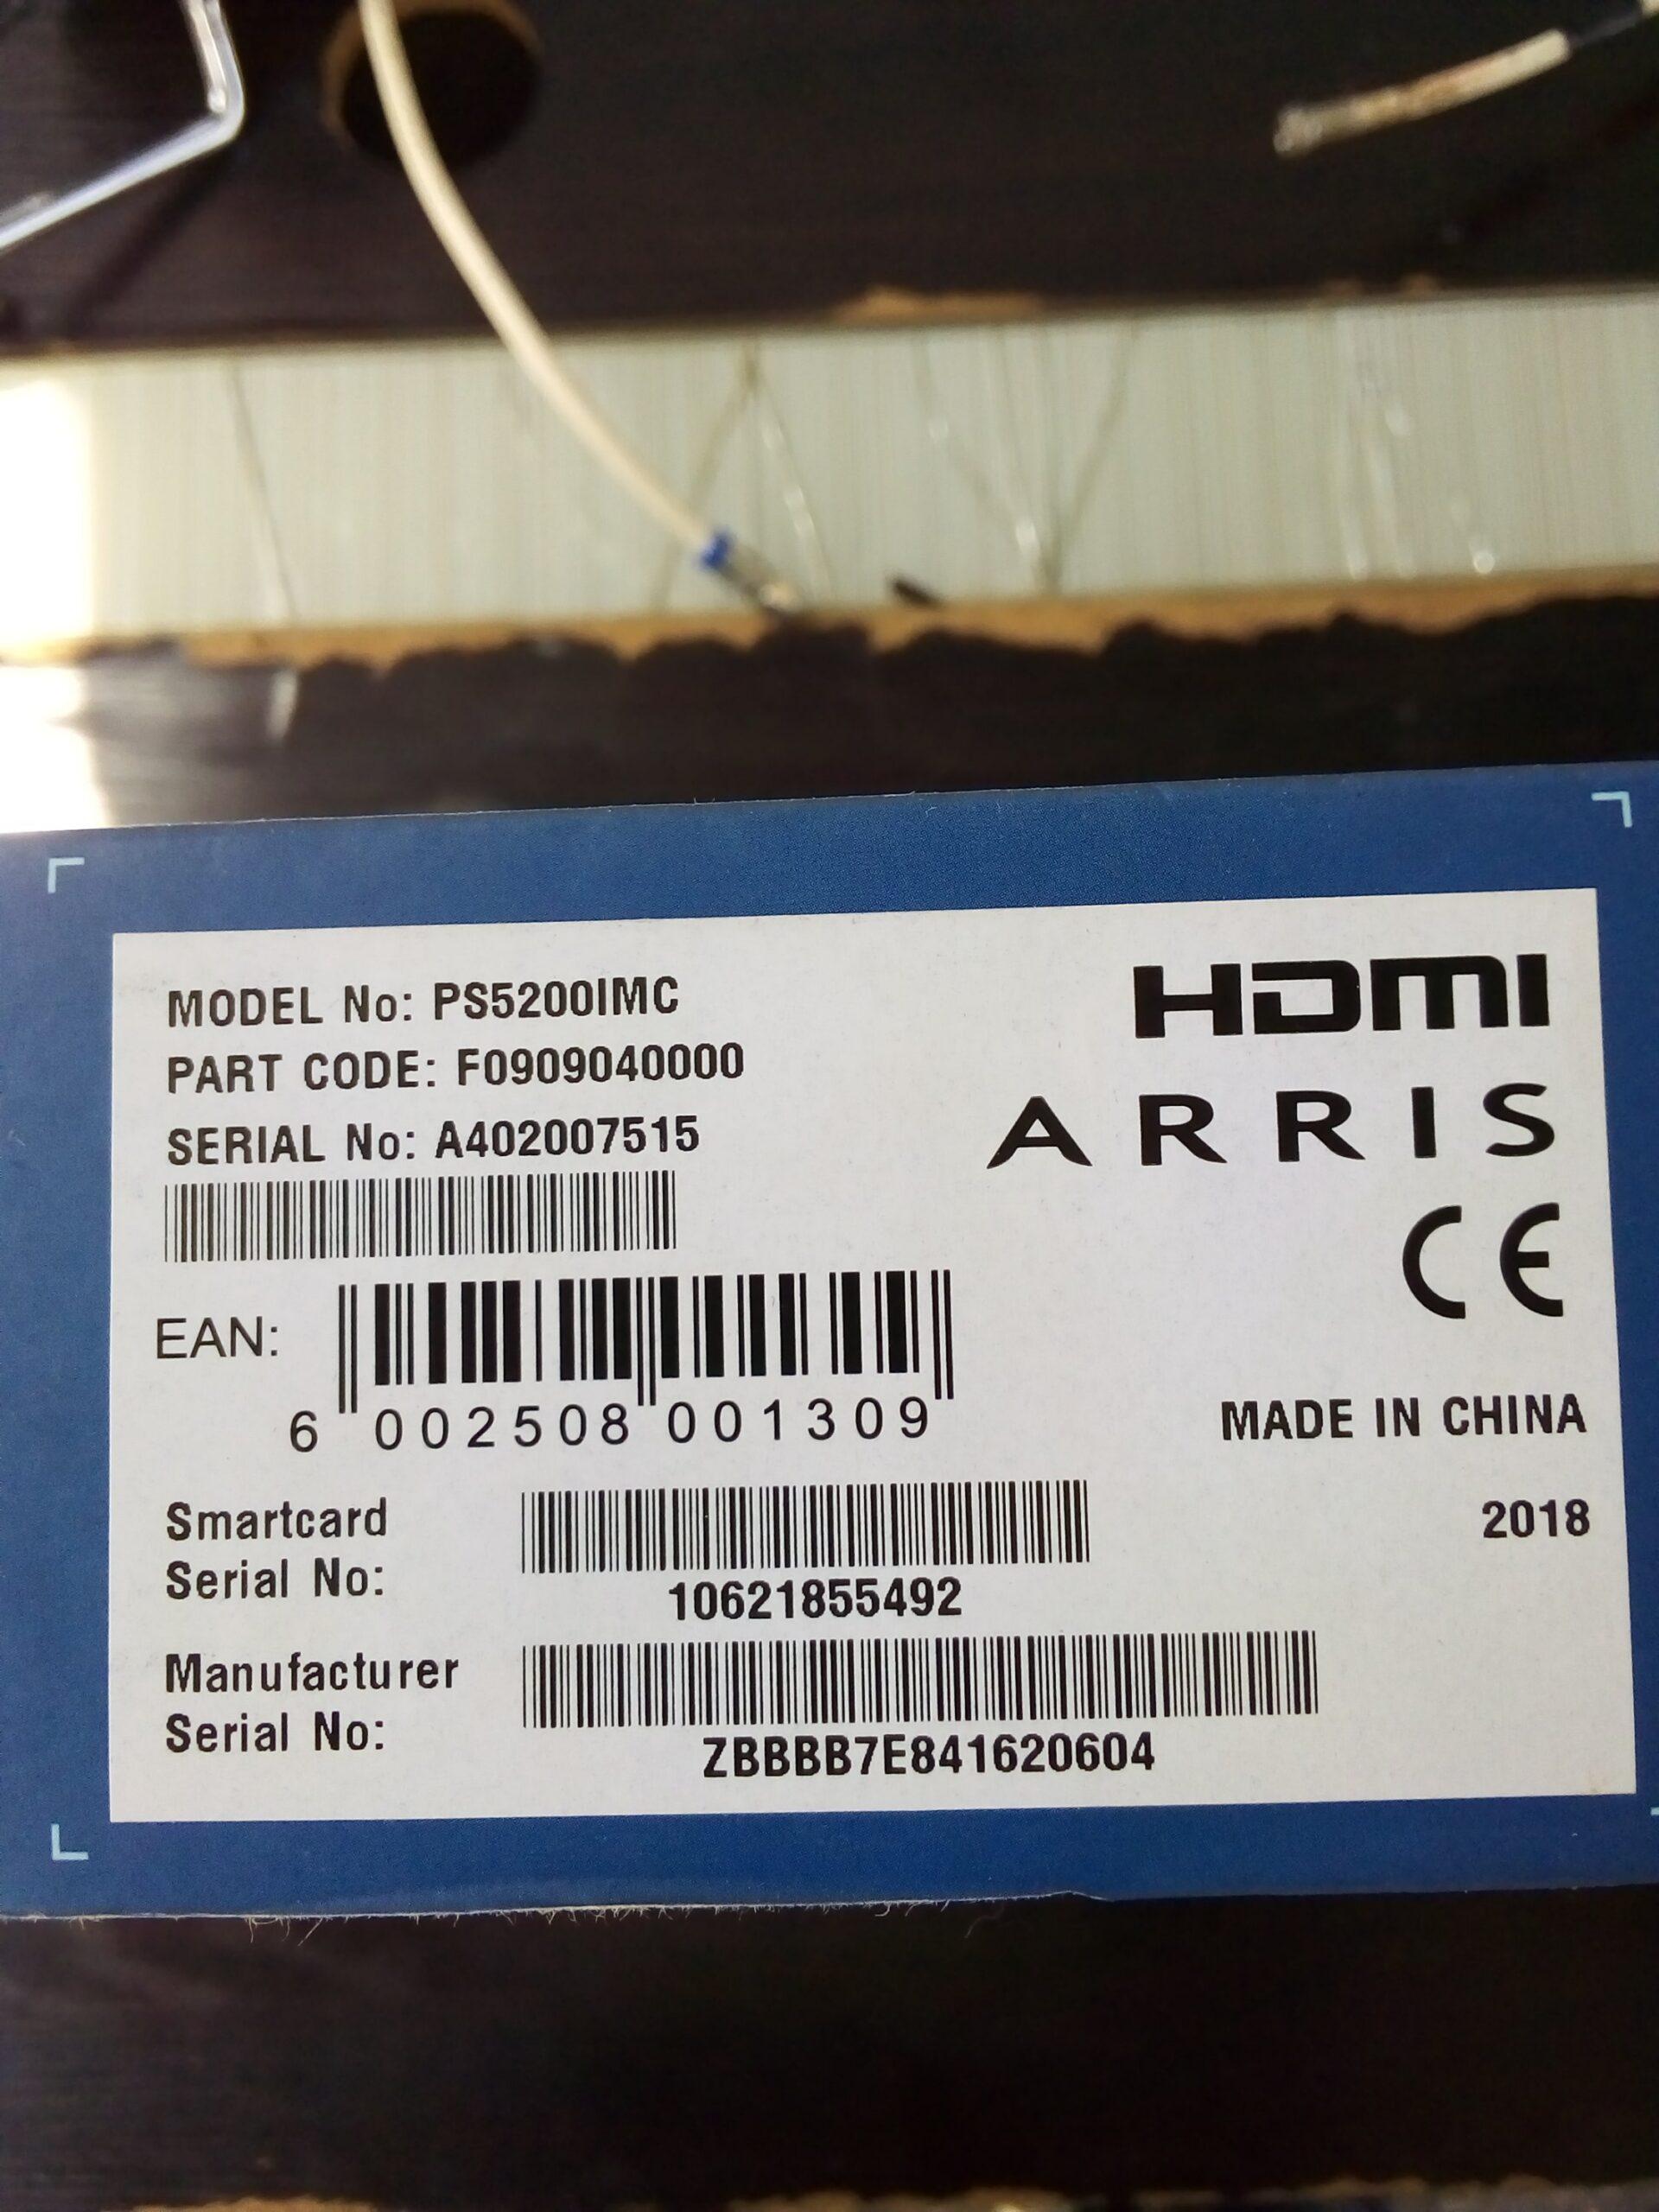 IUC number/smartcard number